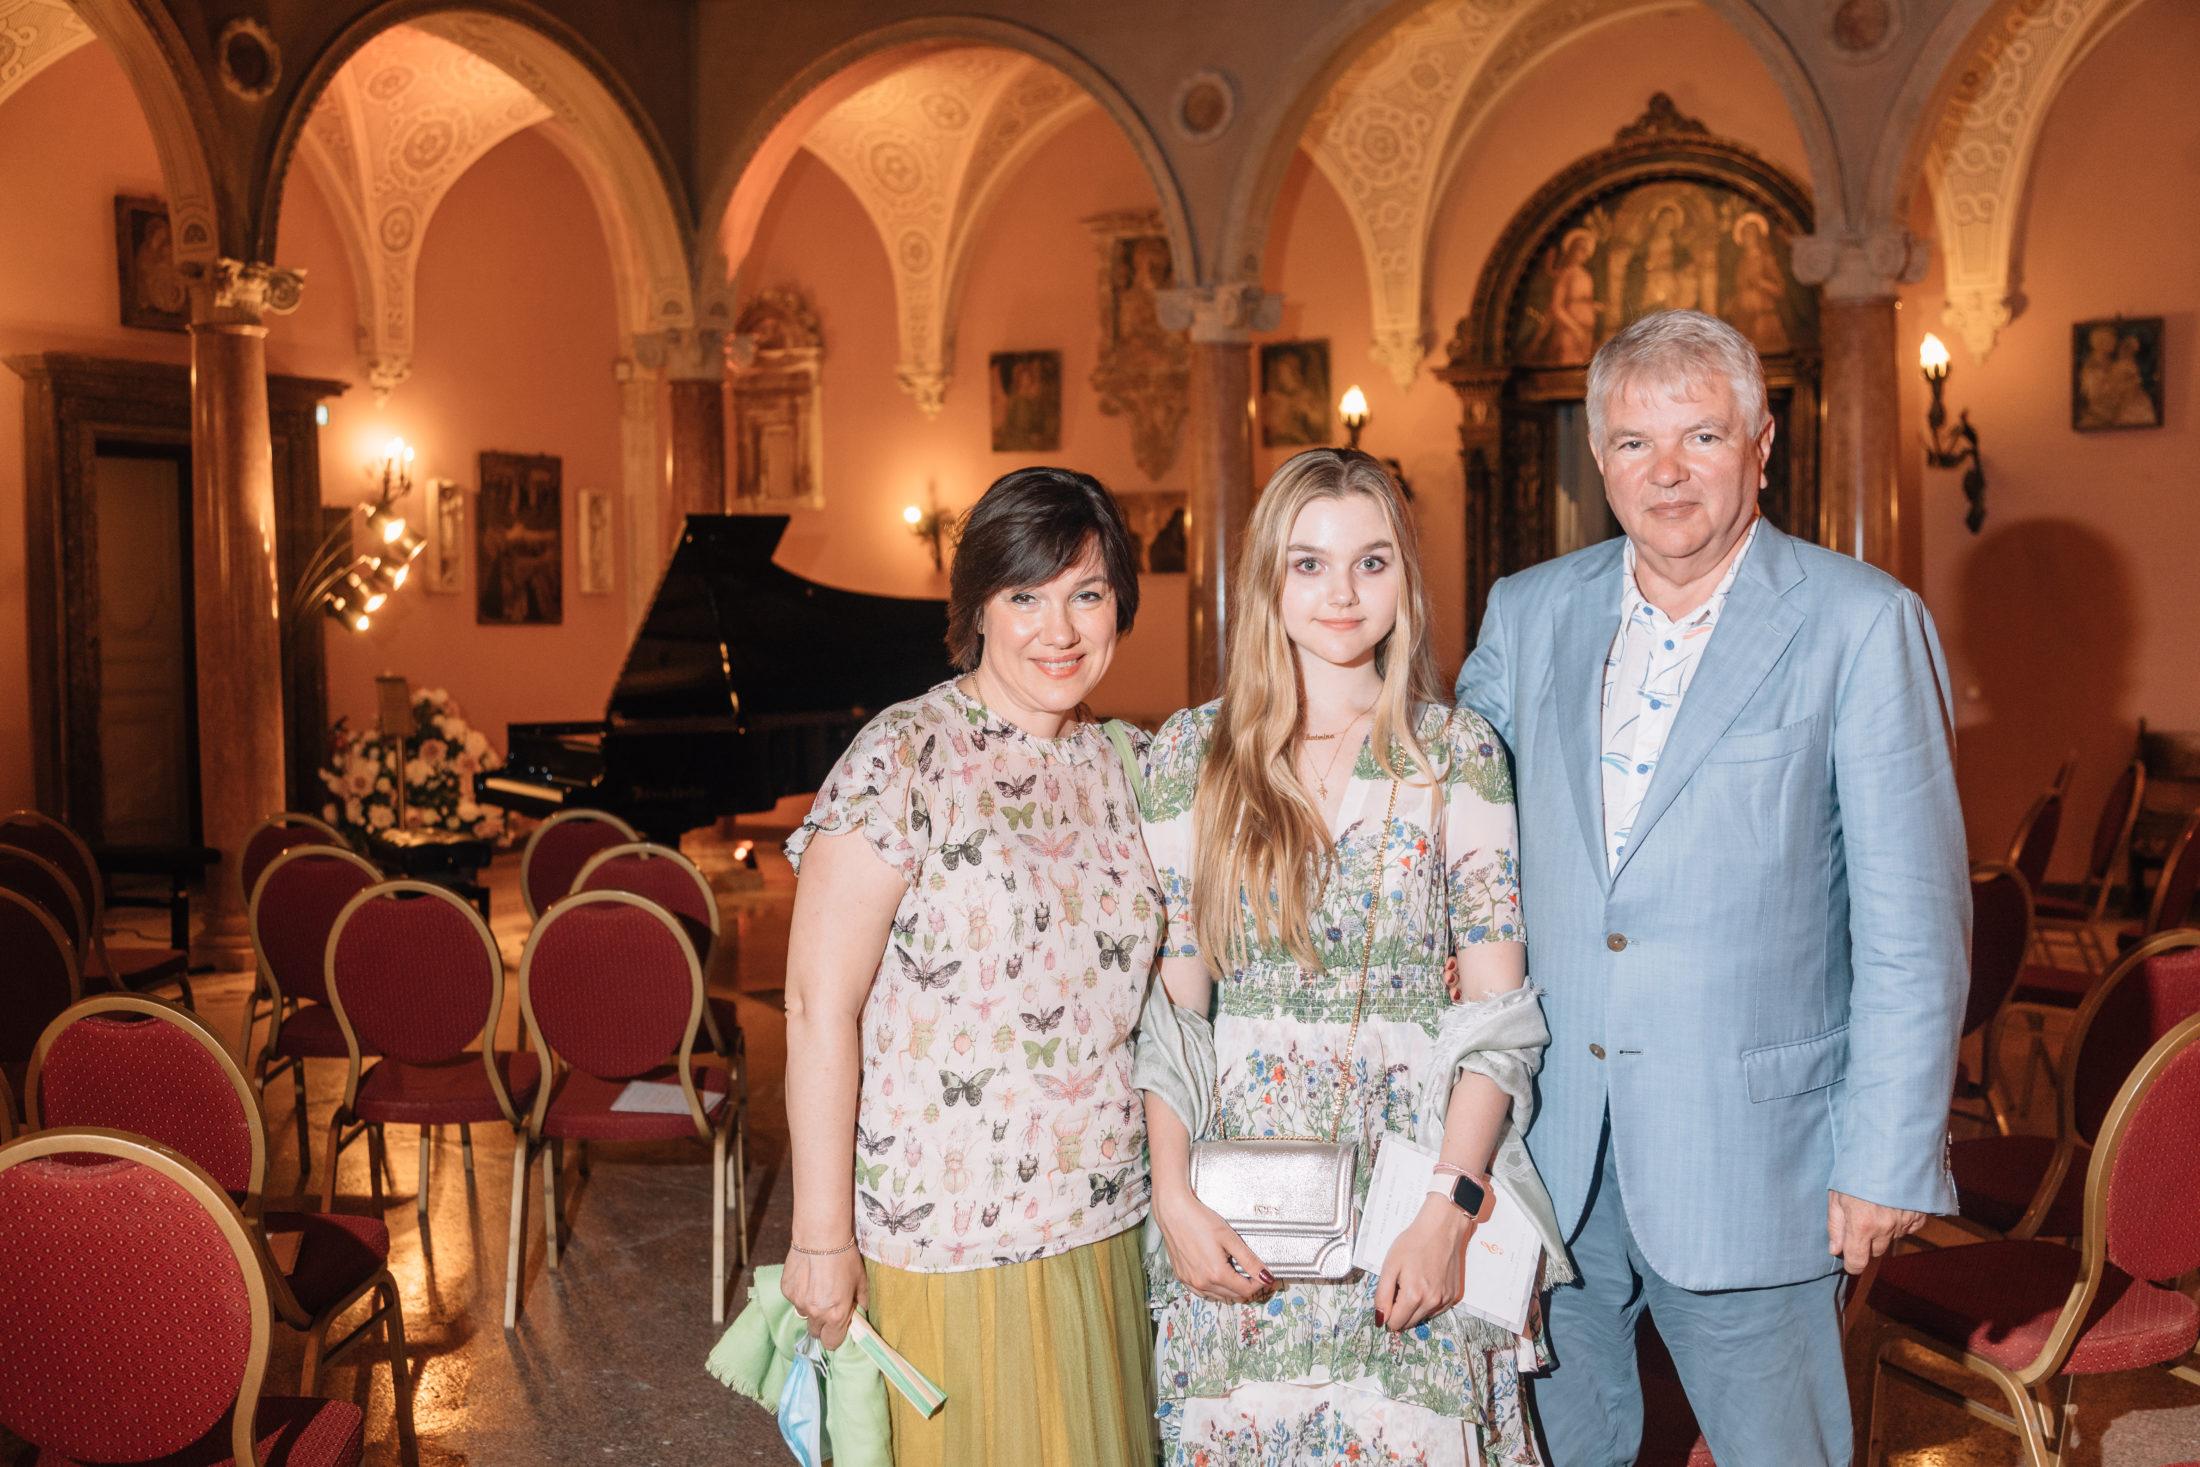 Галина и Алексей Мешковы (Чрезвычайный и полномочный посол РФ во Франции и Княжестве Монако) с дочерью